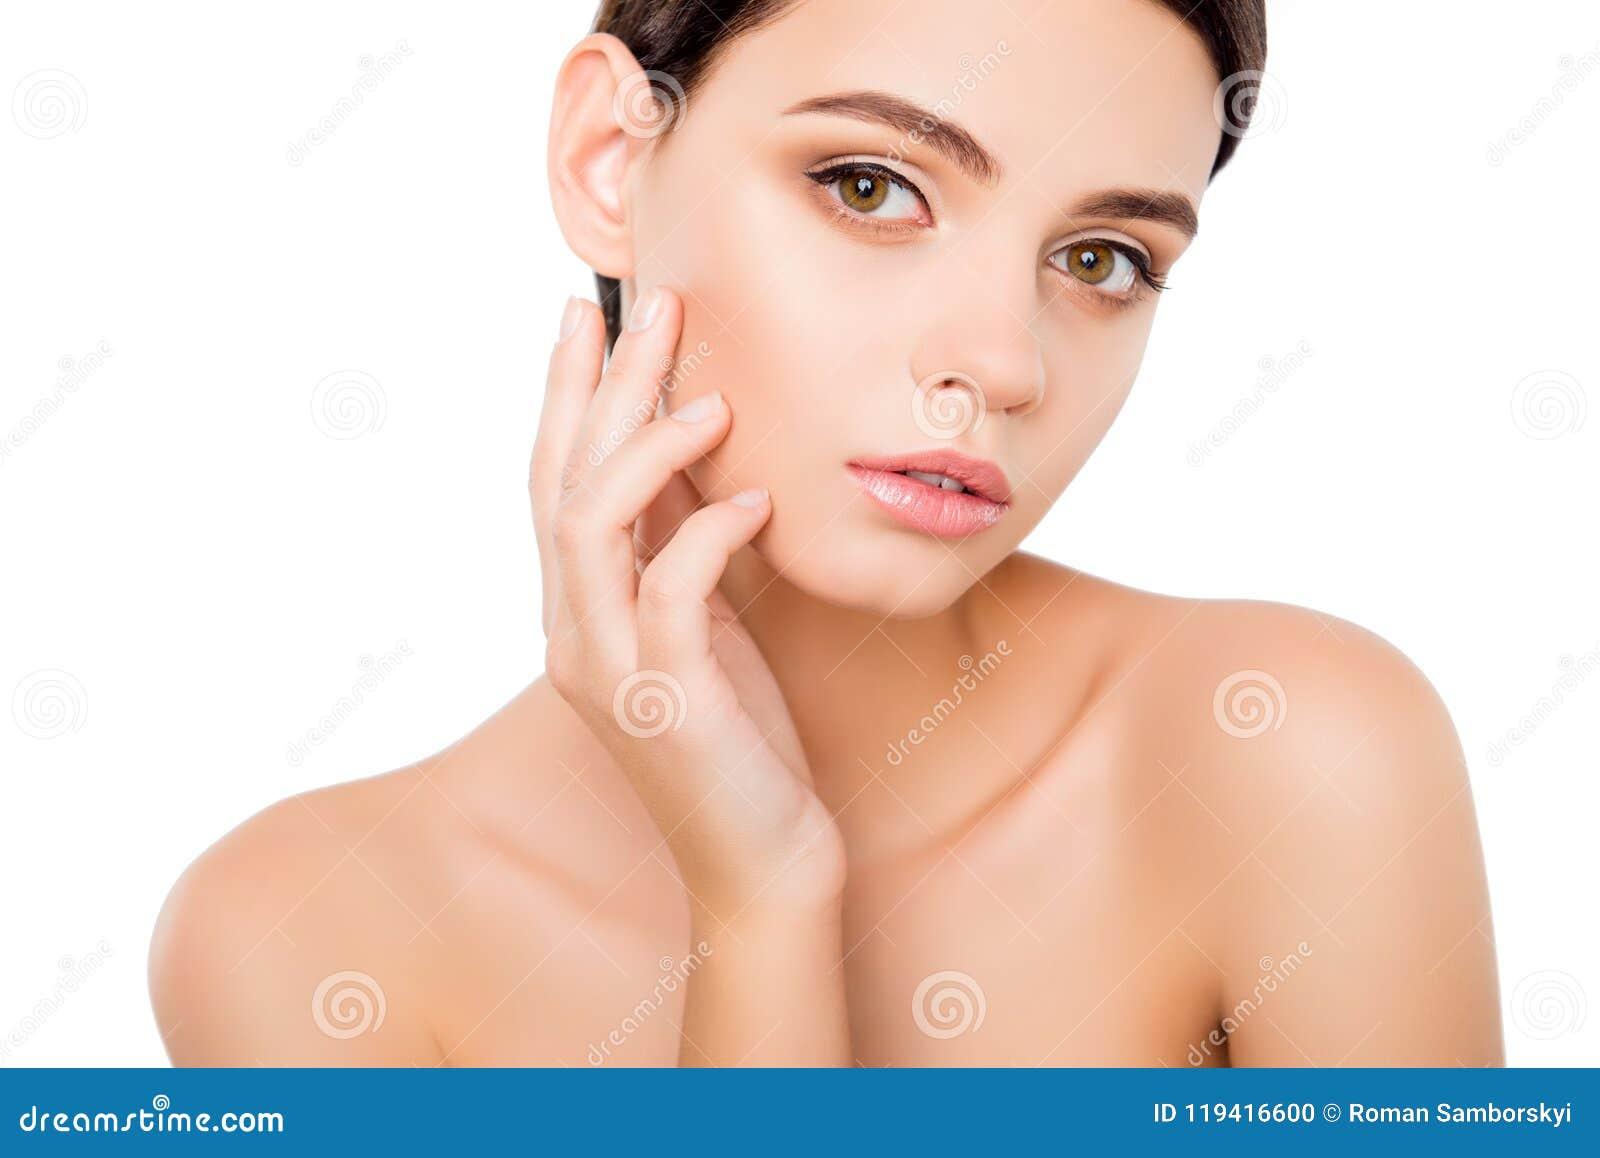 Portret młodej kobiety wzruszająca skóra na jej policzku Zamyka w górę portreta czarować uroczej dosyć pięknej atrakcyjnej damy o